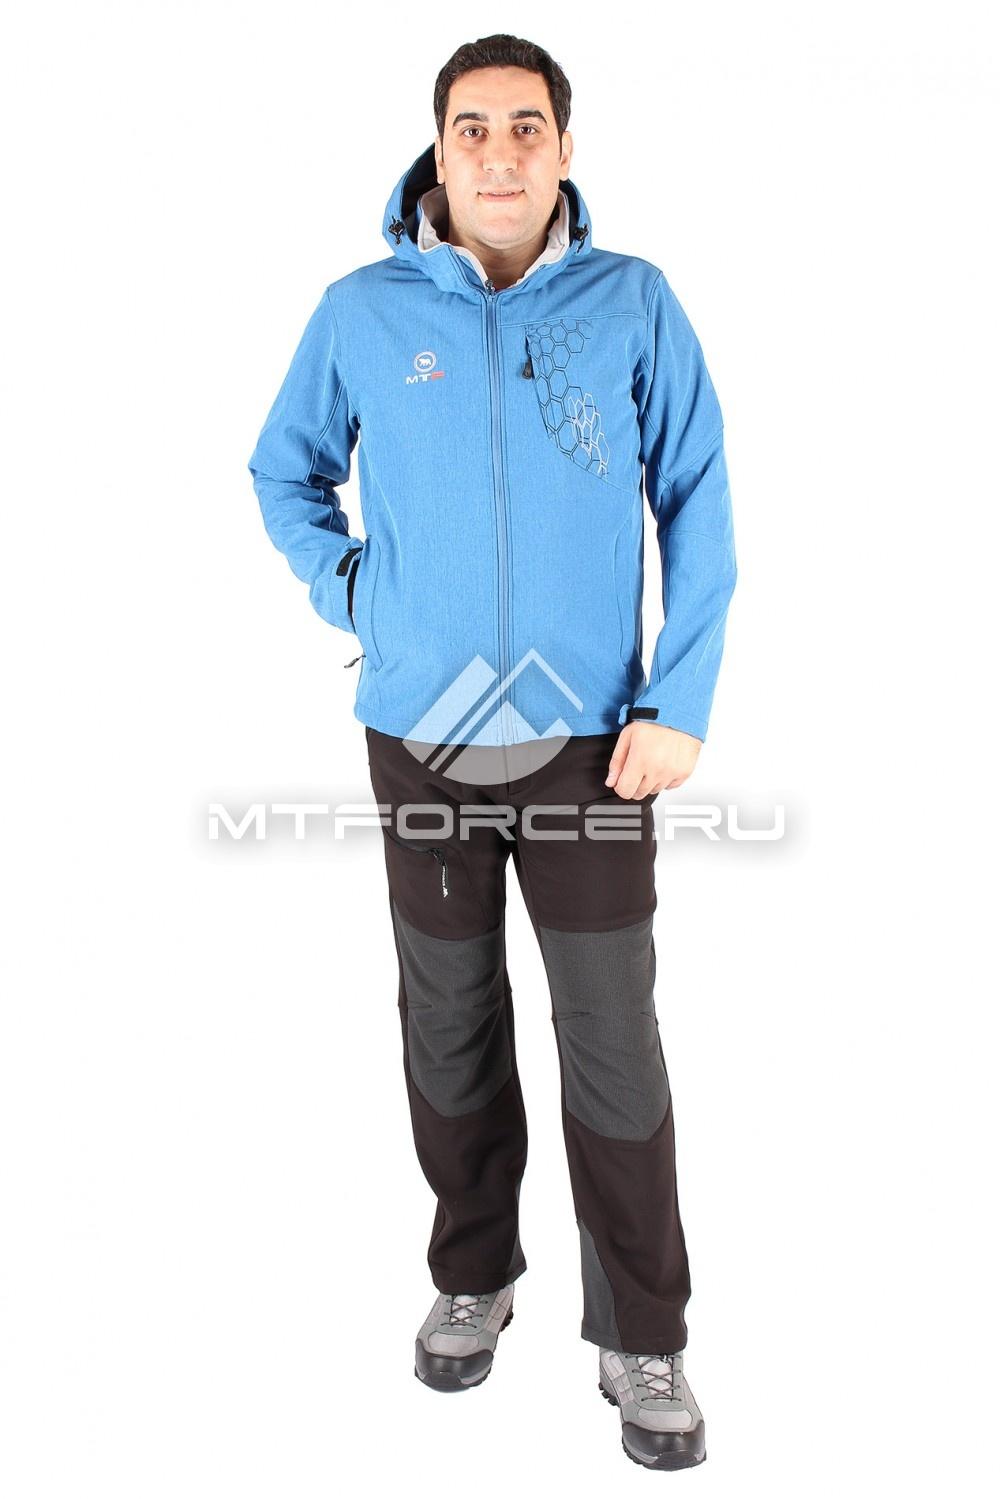 Купить                                  оптом Костюм виндстопер мужской голубого цвета 1502Gl